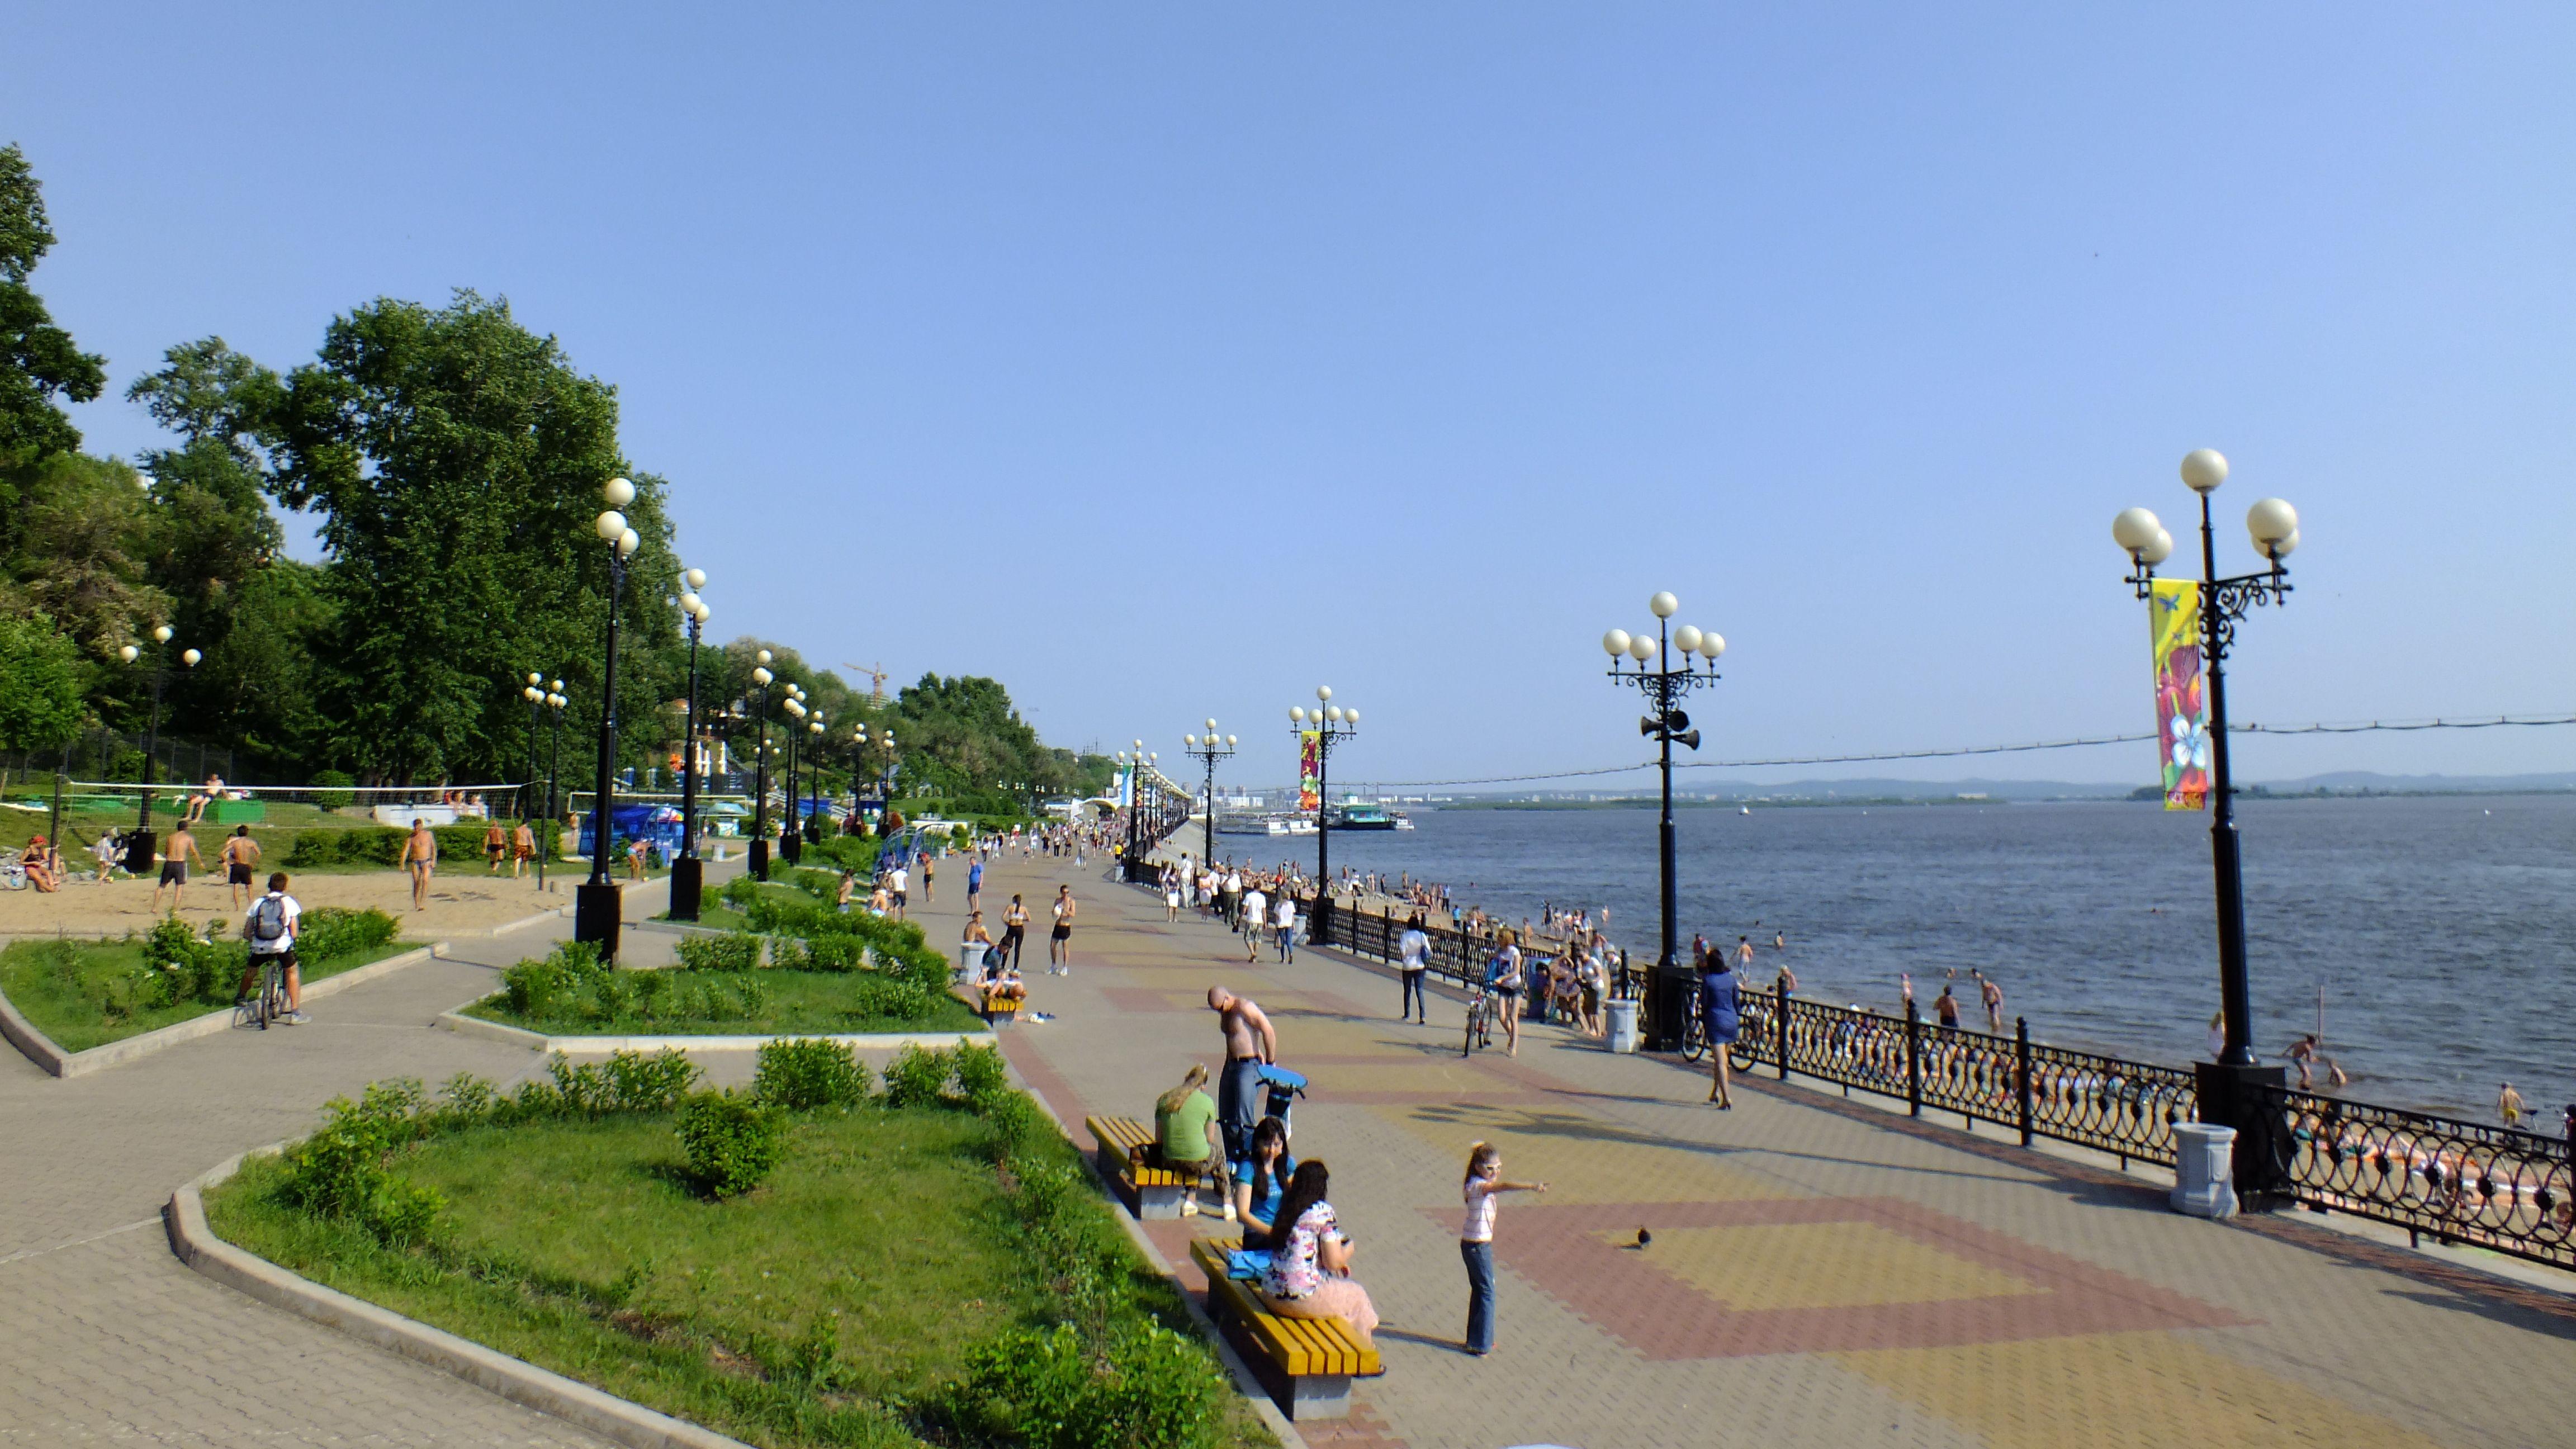 murrivermurwaterfrontinhabarovsk